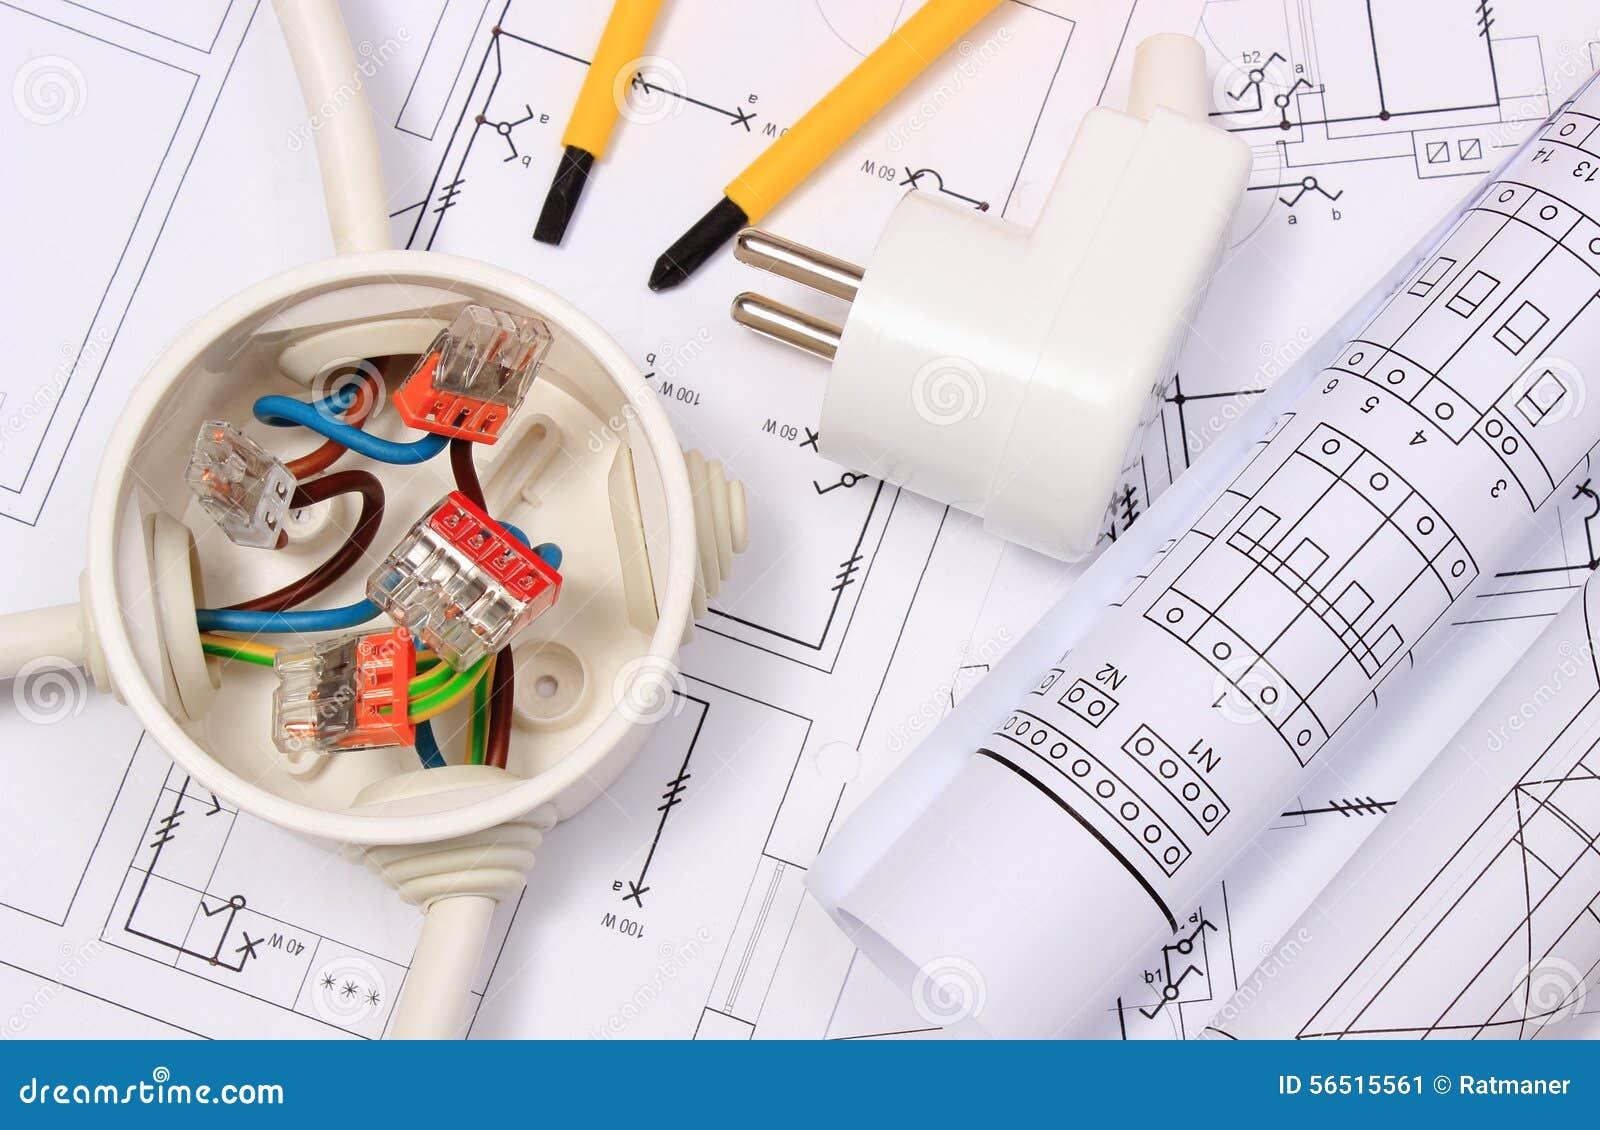 Caixa elétrica, diagramas e tomada elétrica no desenho de construção